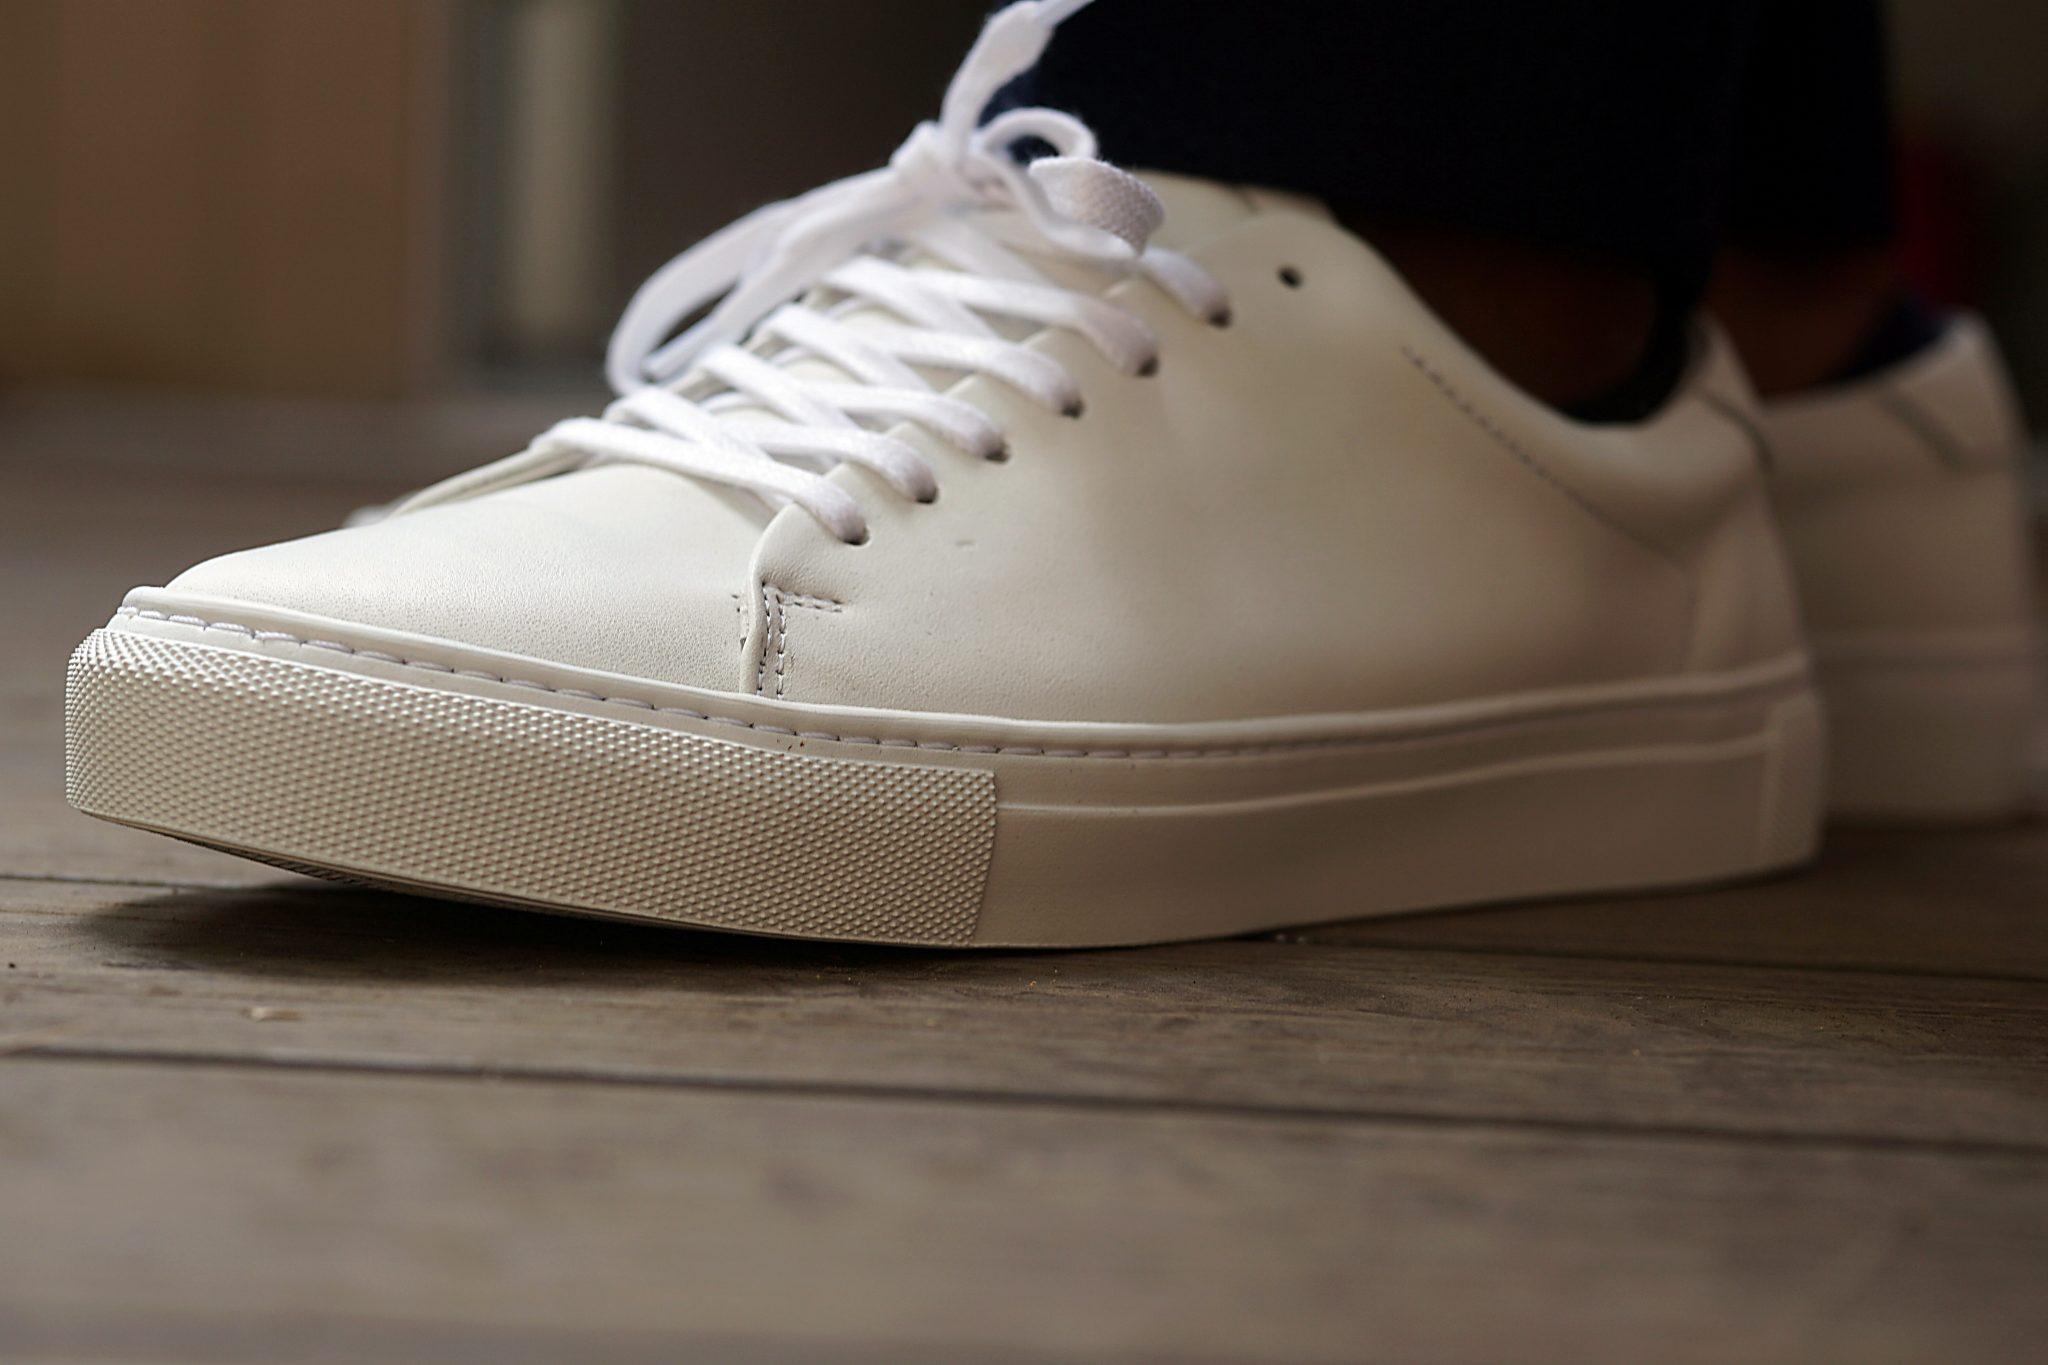 Beckett Simonon-Reid-low-top-sneaker-white-leather-2